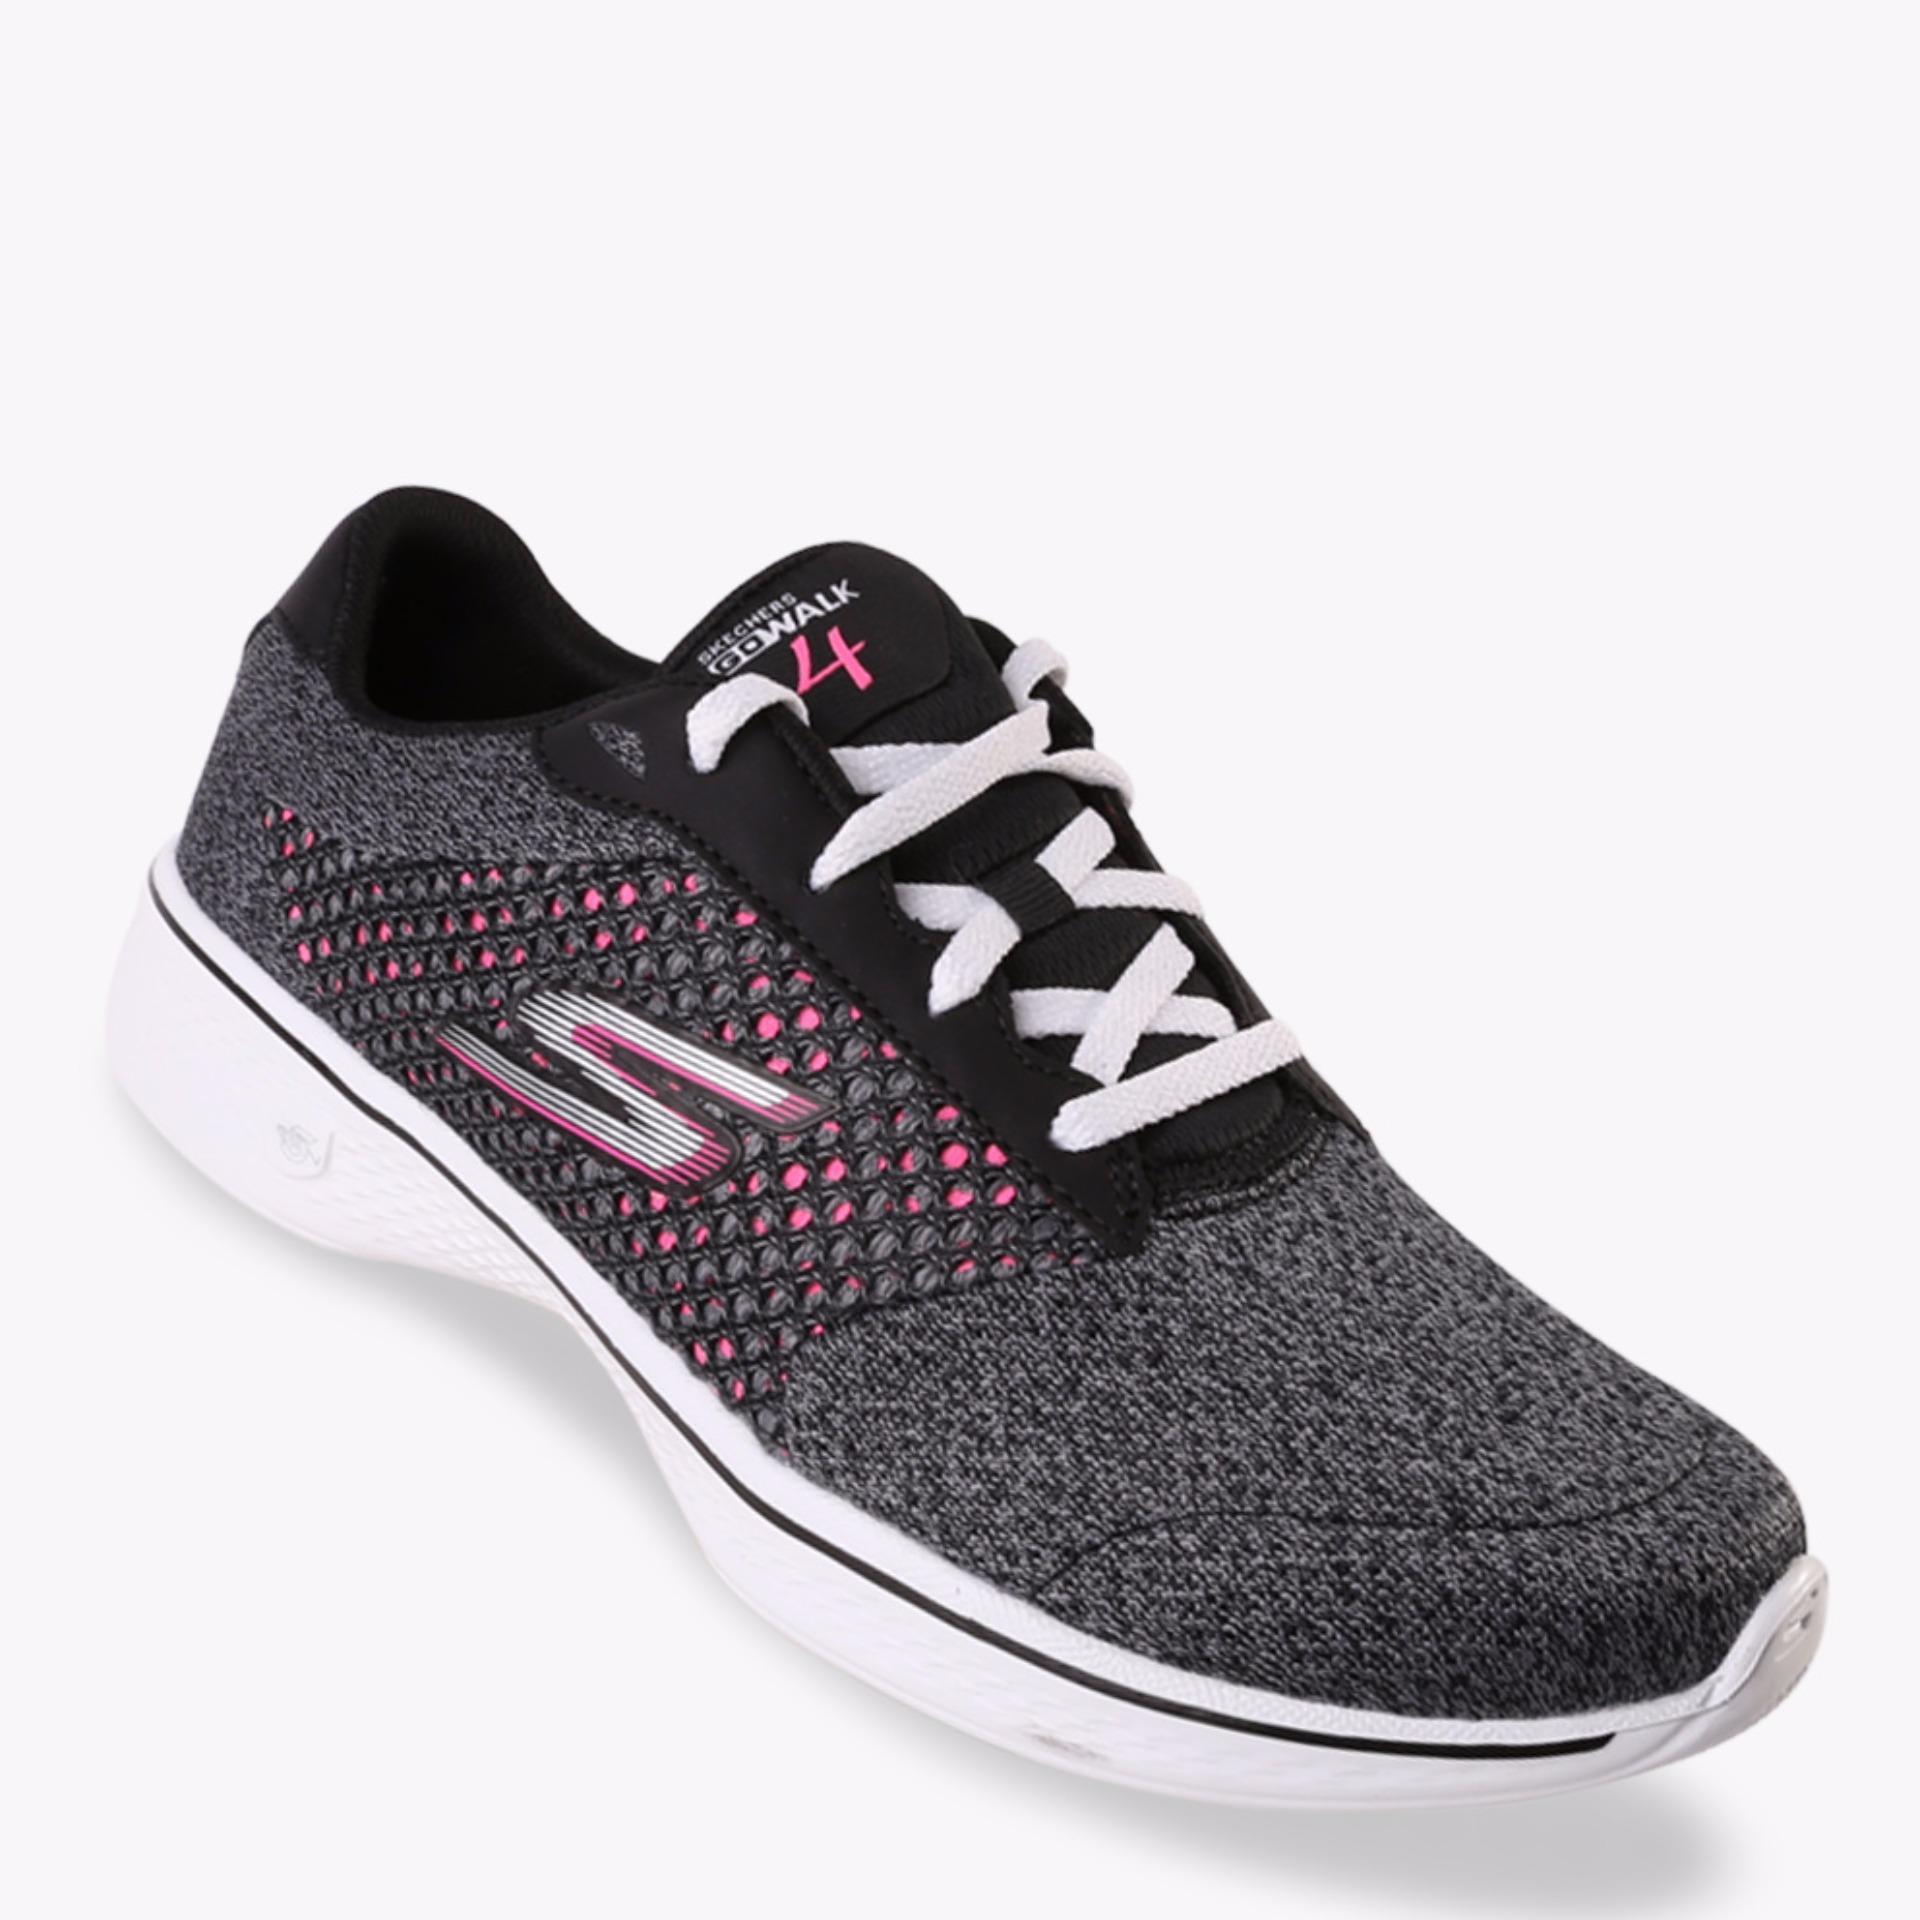 Skechers Gowalk 3 Womens Sneakers Hitam - Daftar Harga Terbaru dan ... fe501127a1